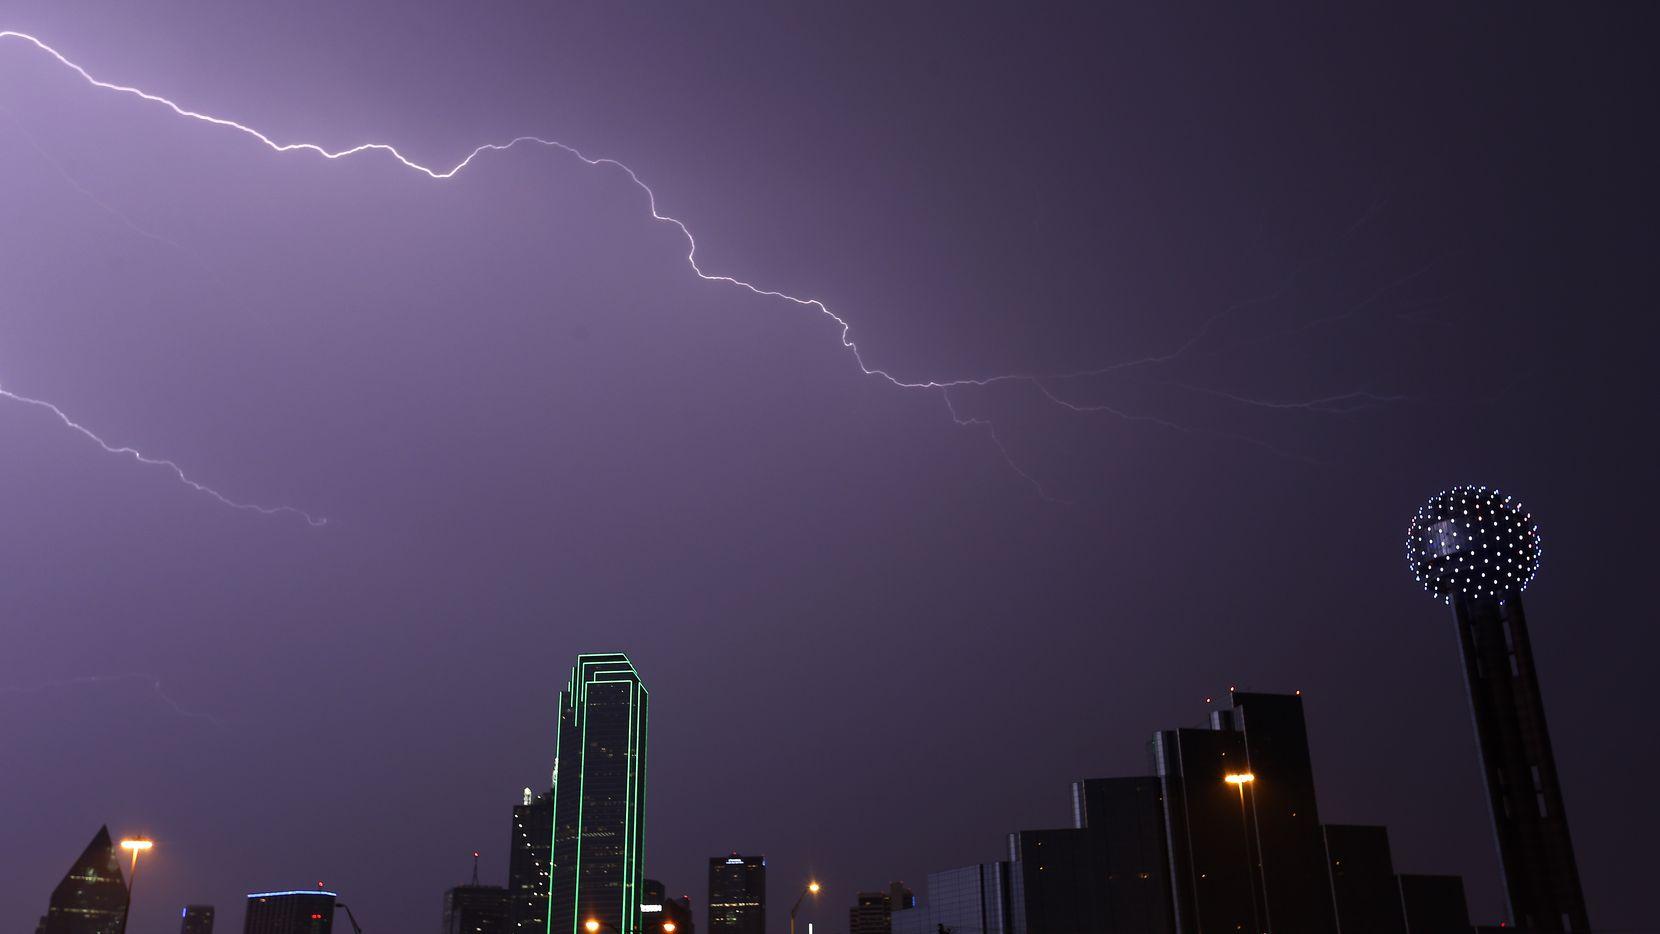 Se esperan fuertes tormentas dispersas durante el fin de semana largo de Memorial Day.